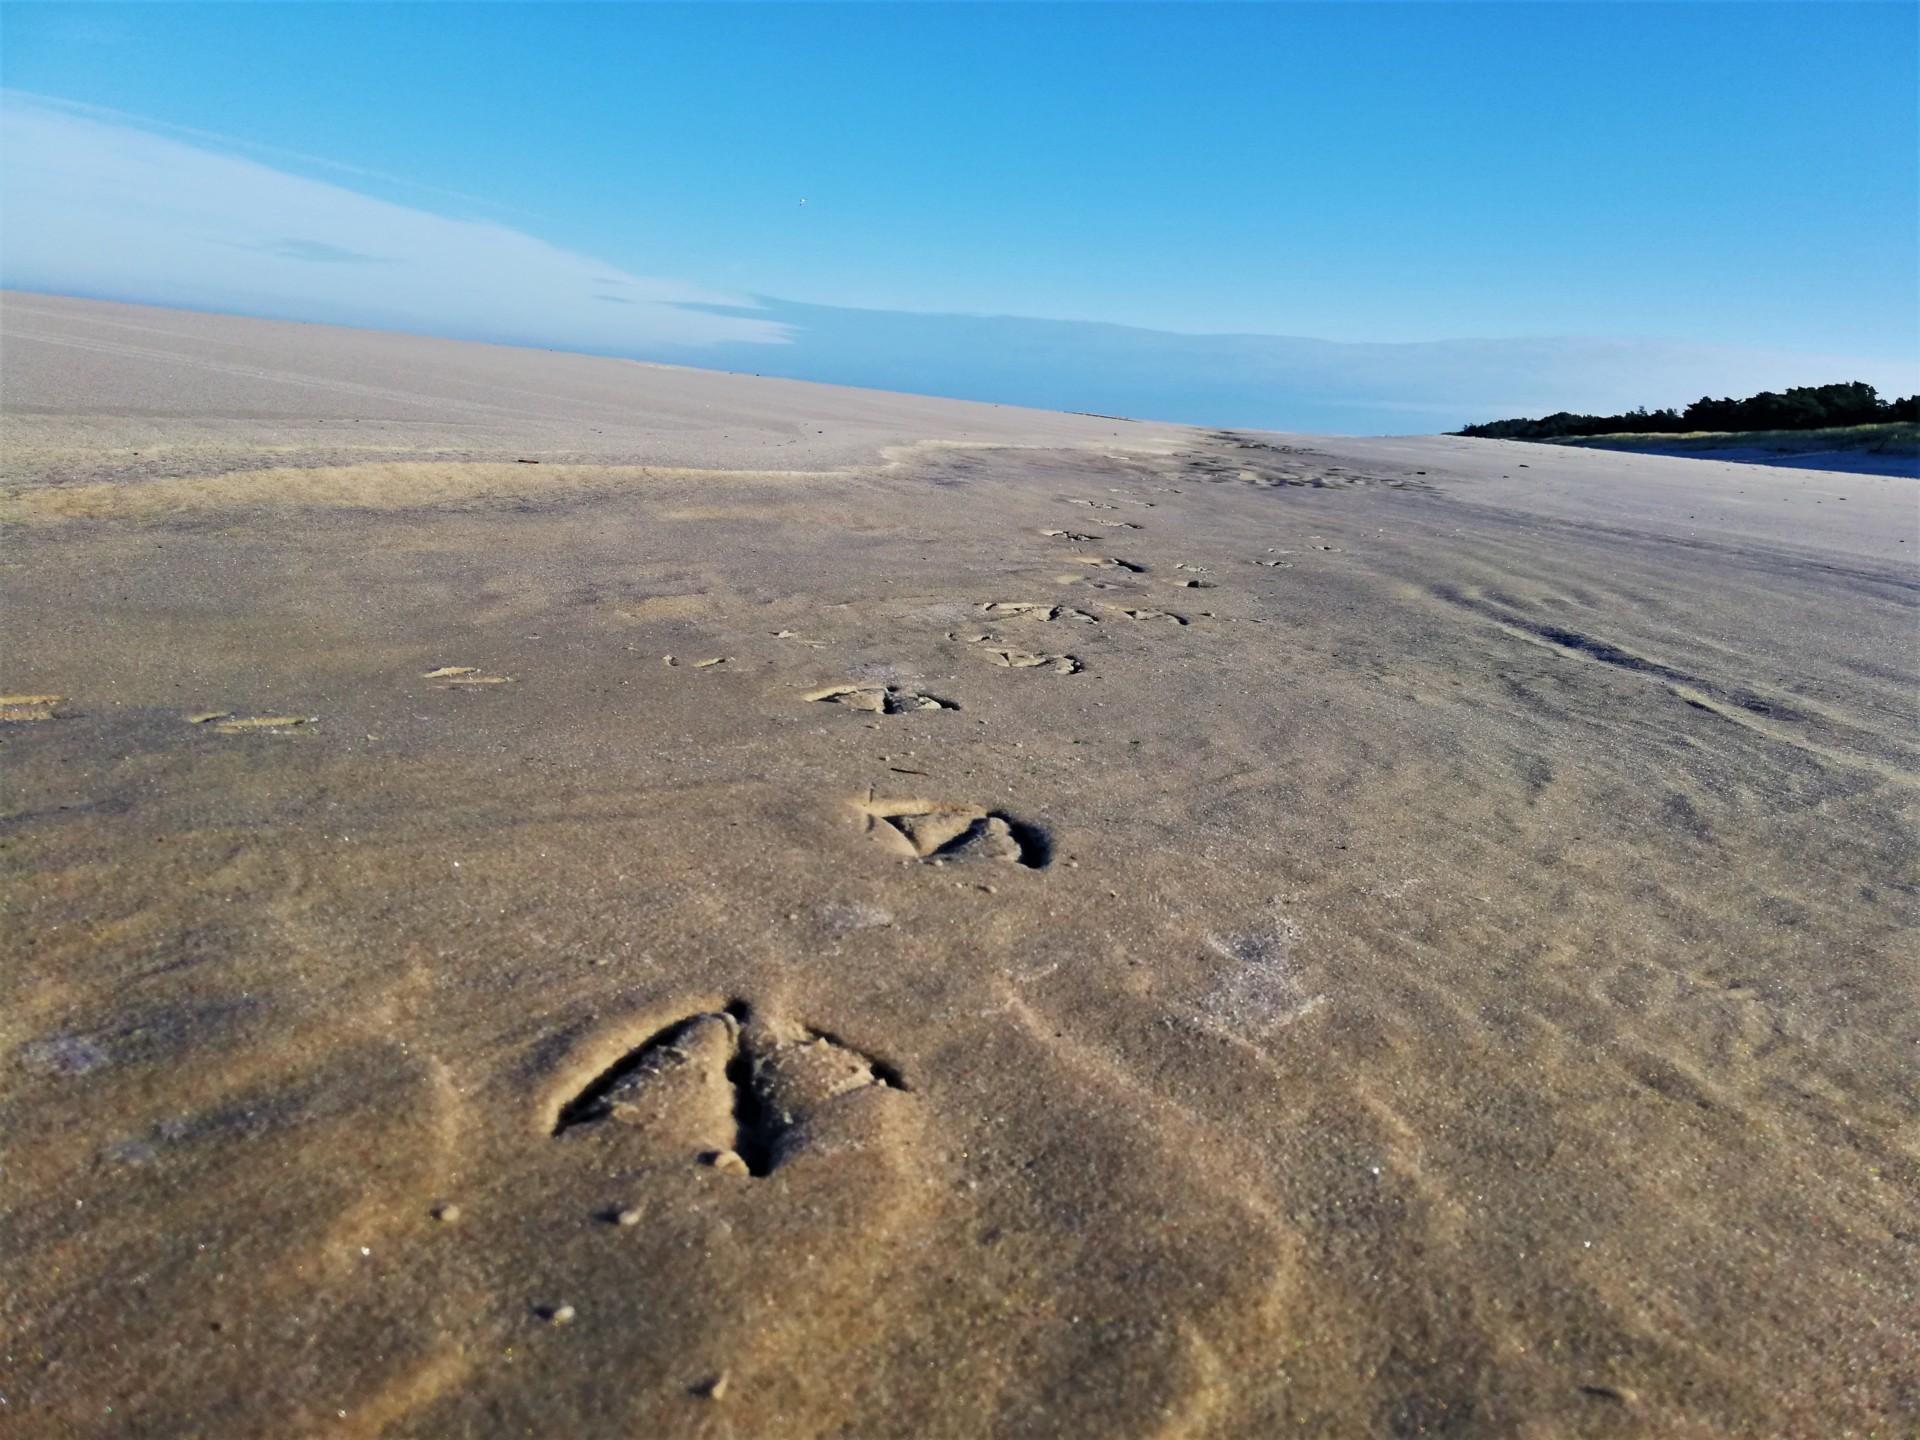 Plaża we władaniu przyrody. Lubiatowo - Kopalino, listopad 2019 1